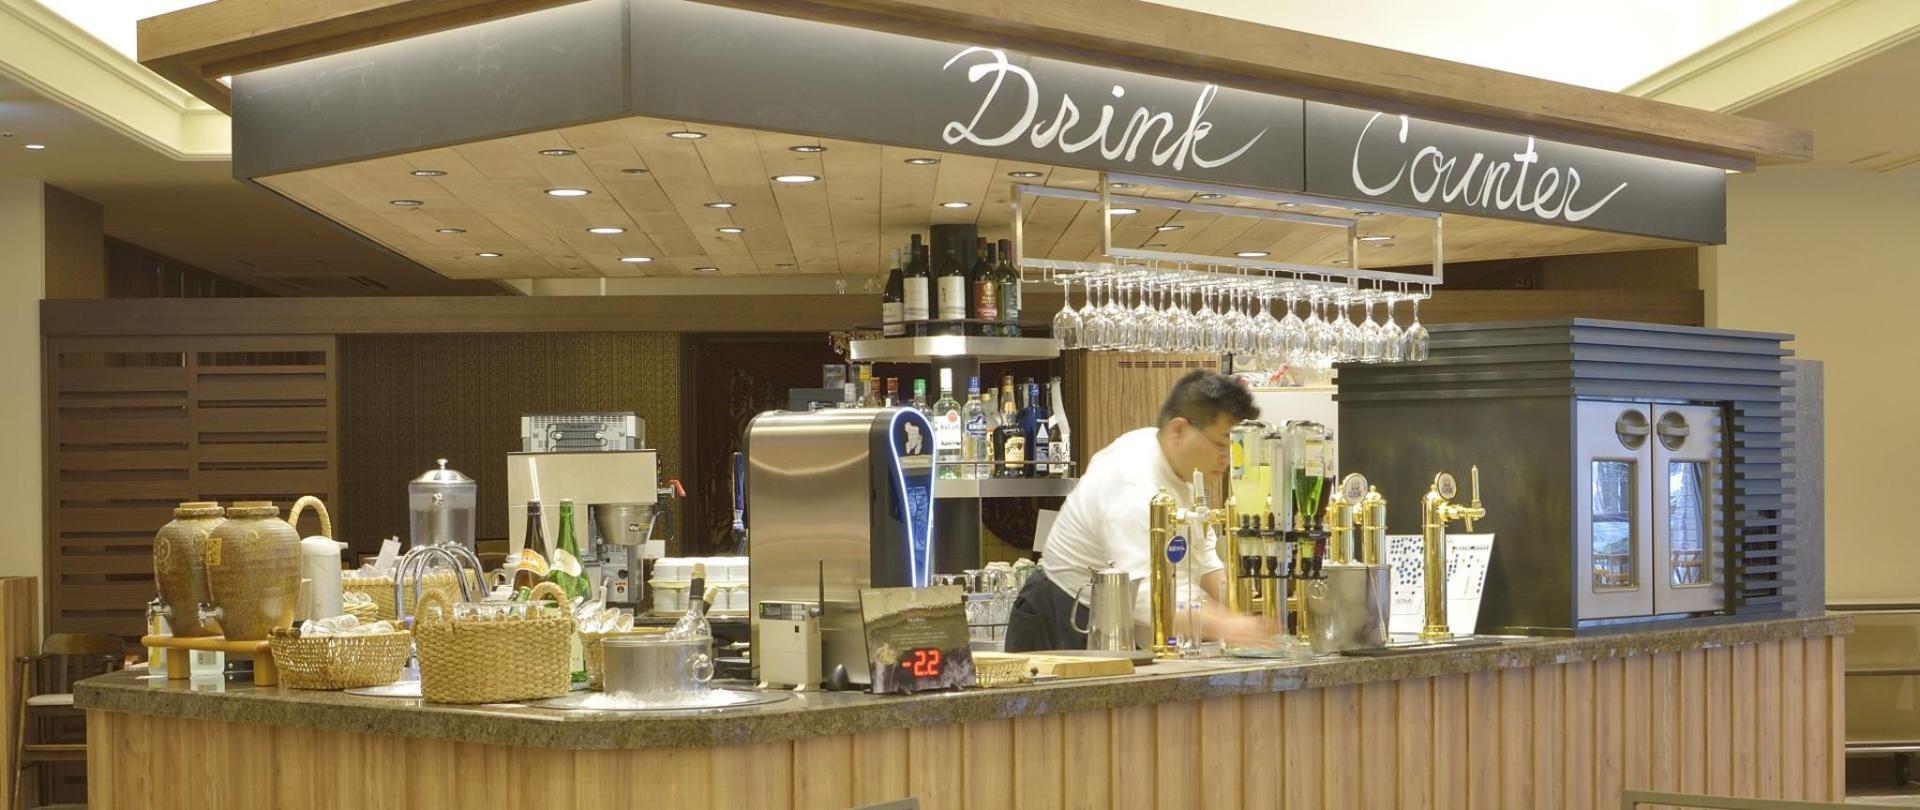 【レストラン】ドリンクコーナー(2).jpg